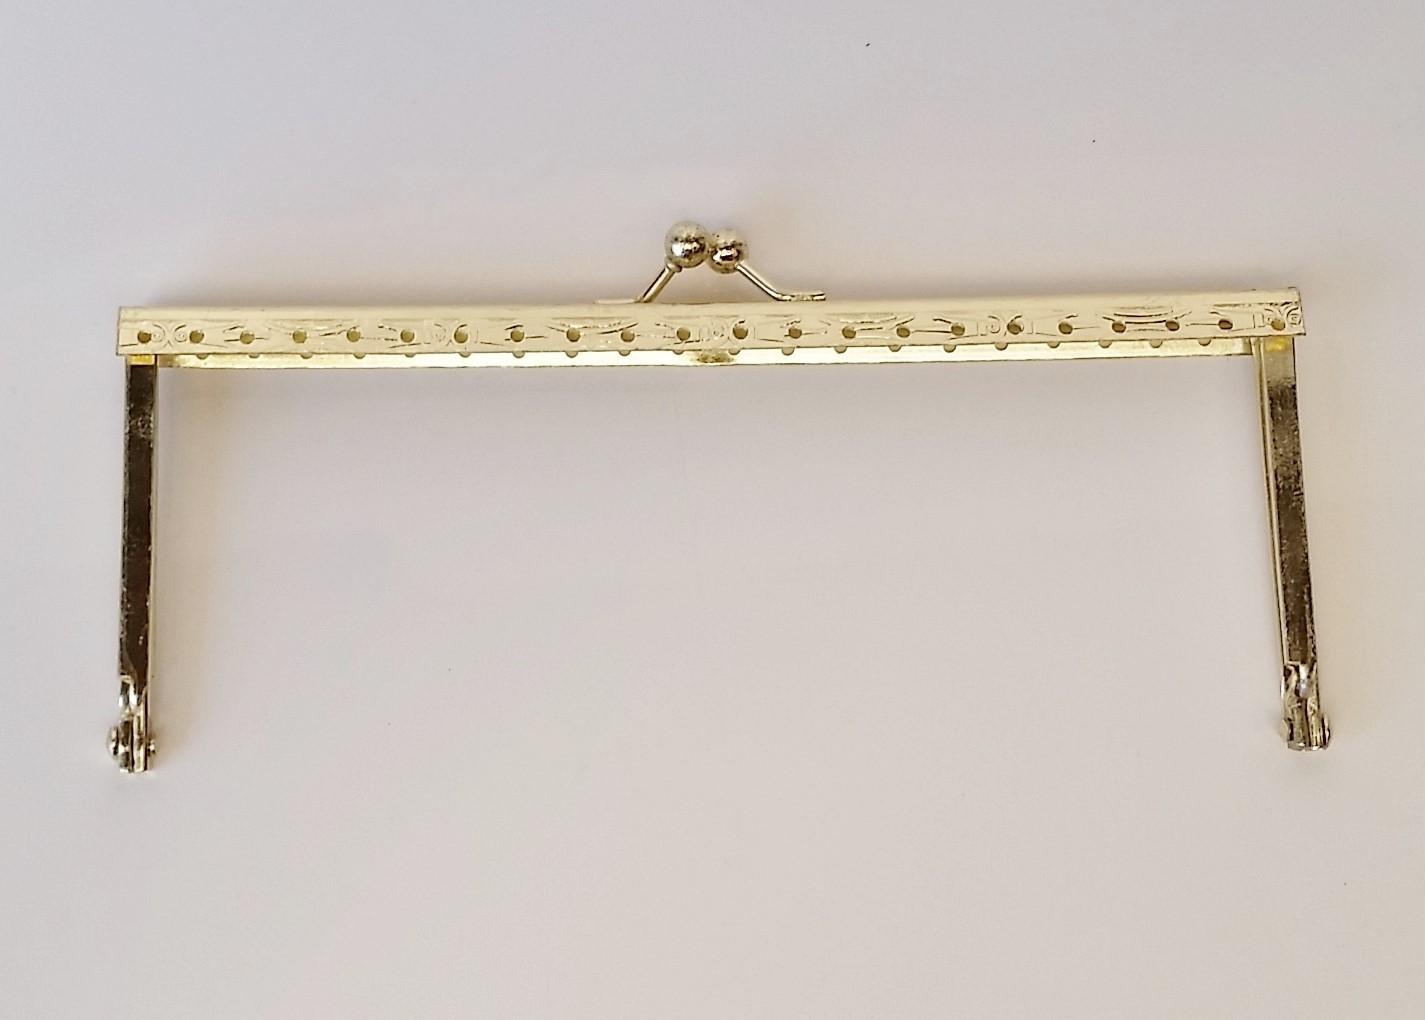 Armação 16cm x 6cm Desenhada com furos p/ costura Latonada